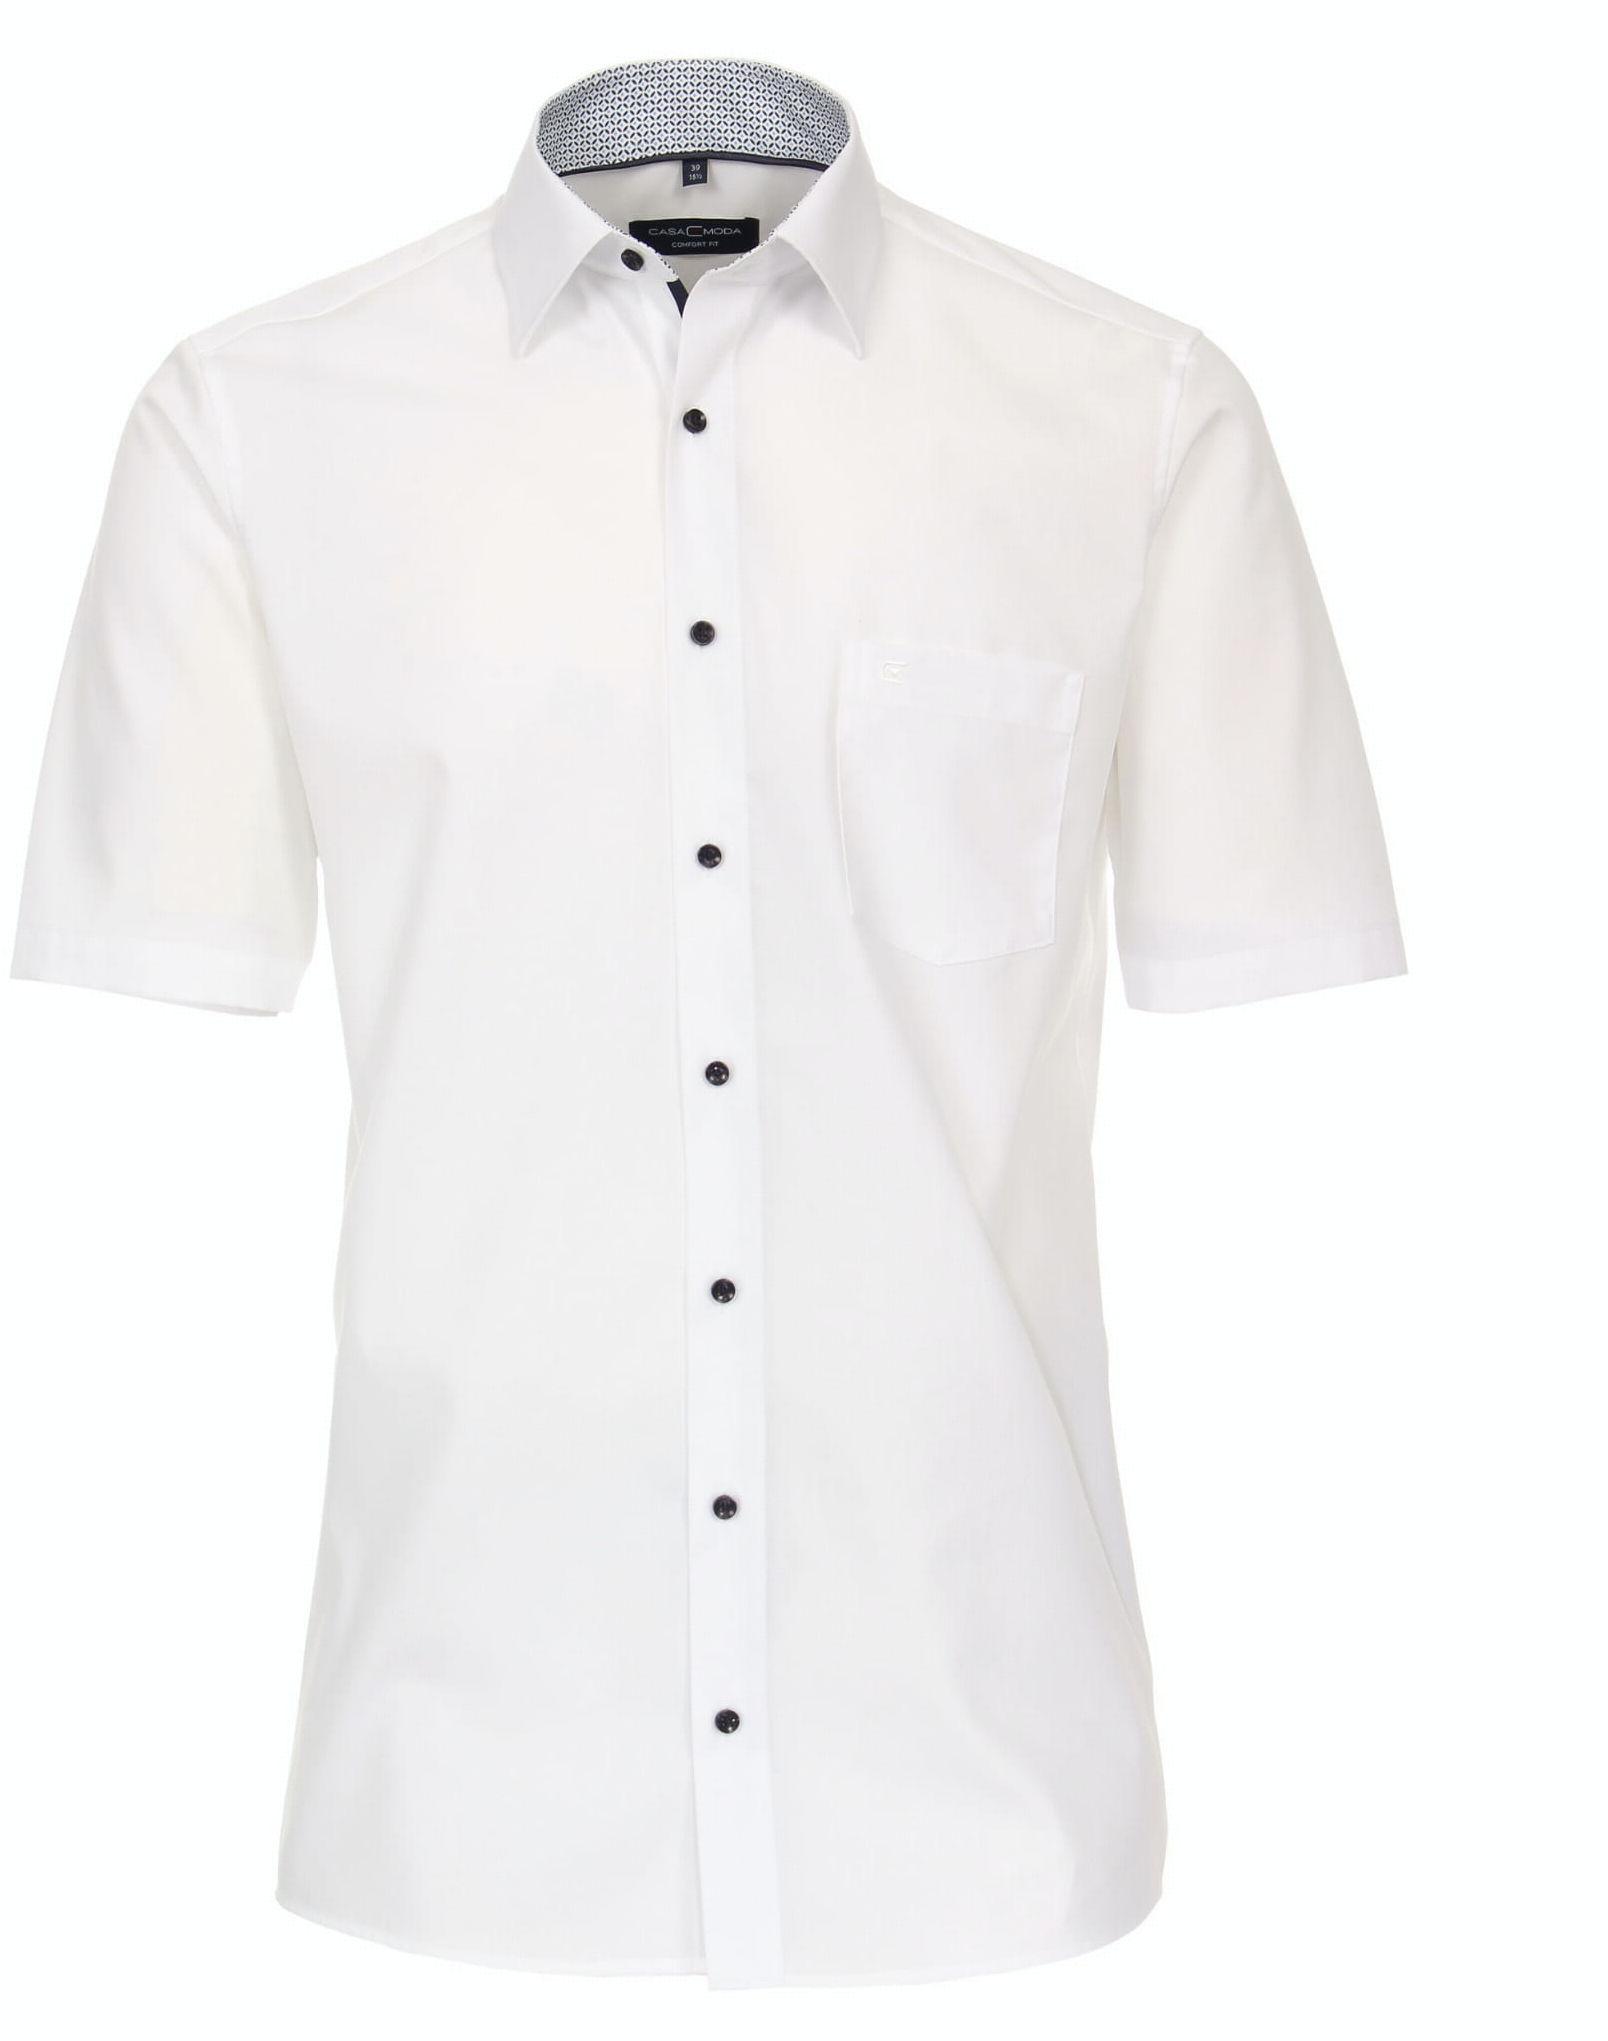 CASAMODA 8200 Koszula Biała Duże Rozmiary